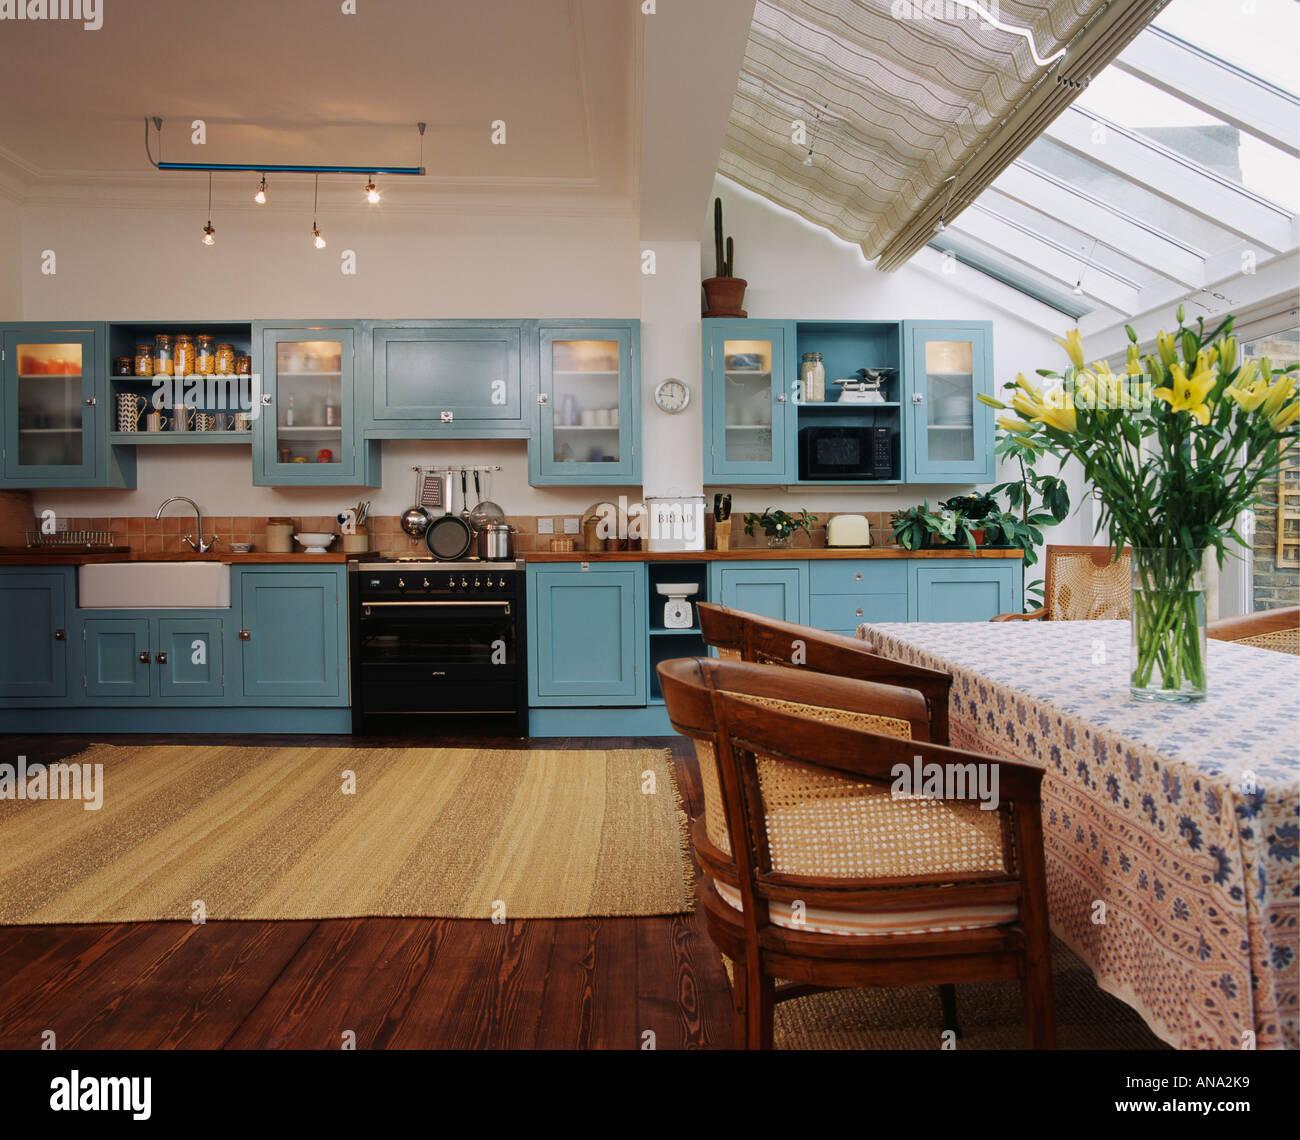 Glasdach und Holzböden in geräumige offene Küche Esszimmer ...